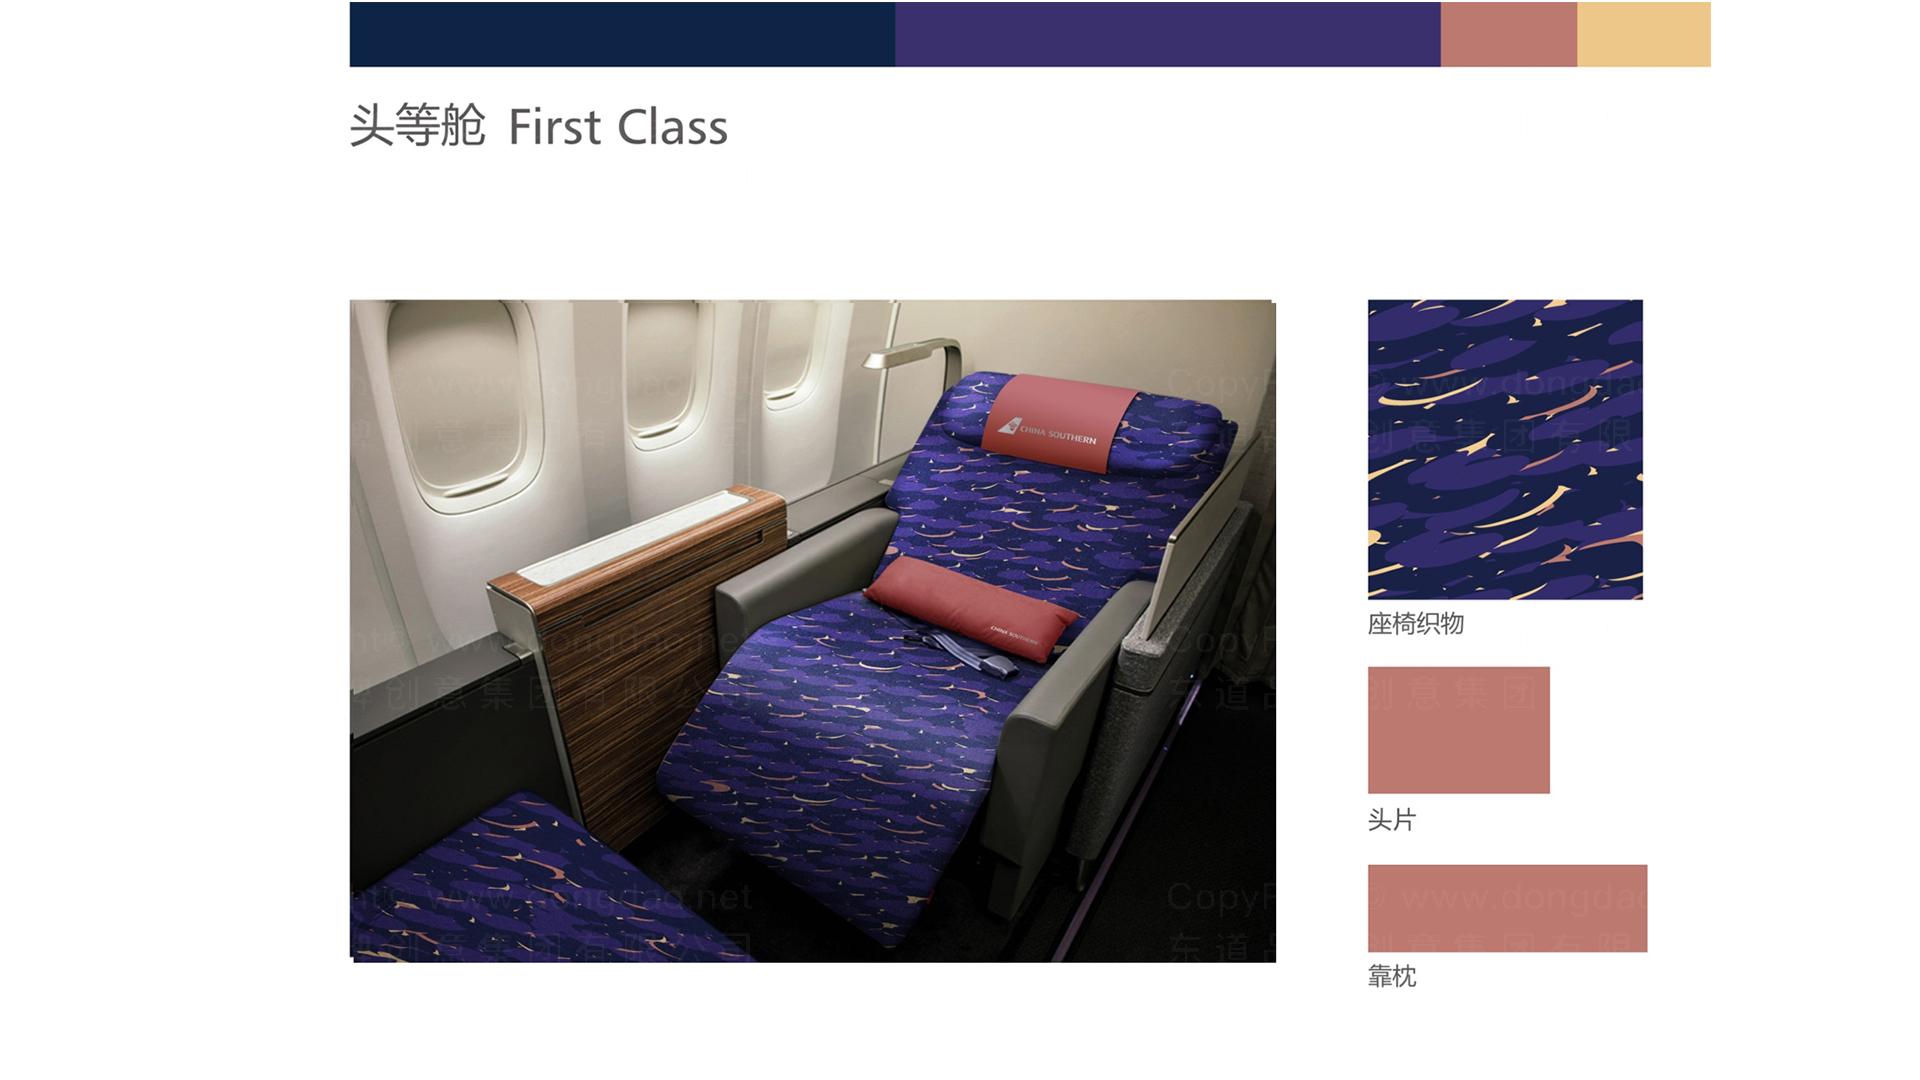 商业空间&导示南方航空三舱设计应用场景_6